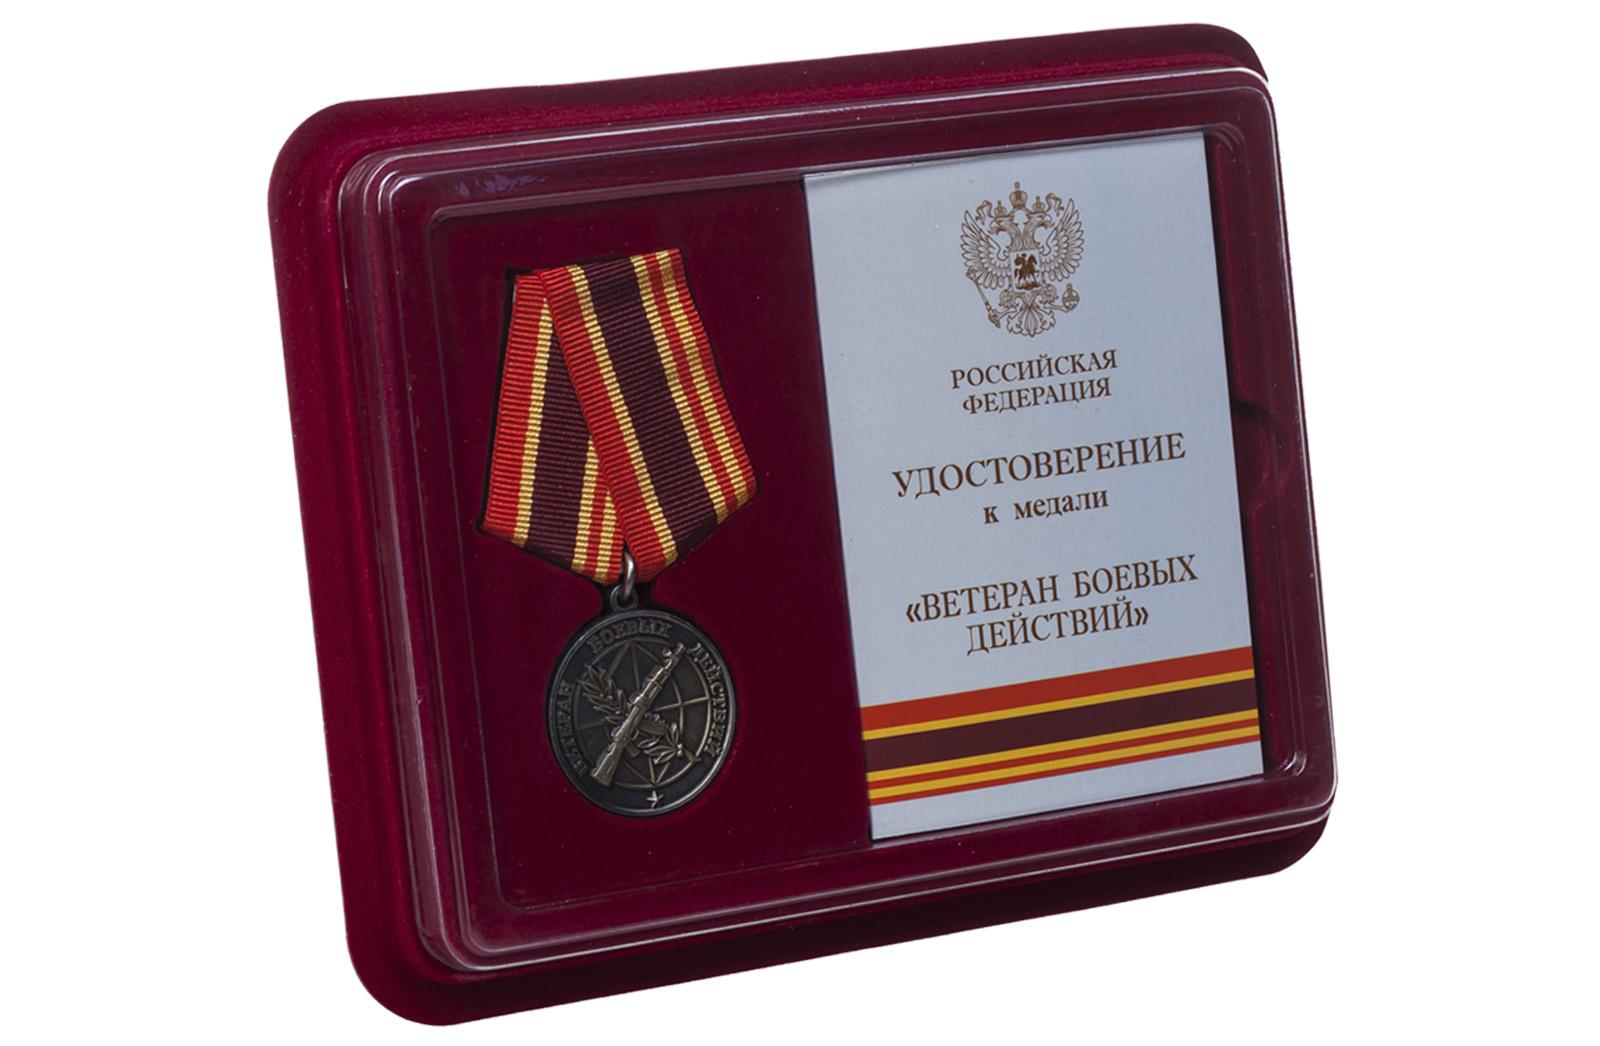 Купить общественную медаль Ветеран боевых действий с доставкой в любой город